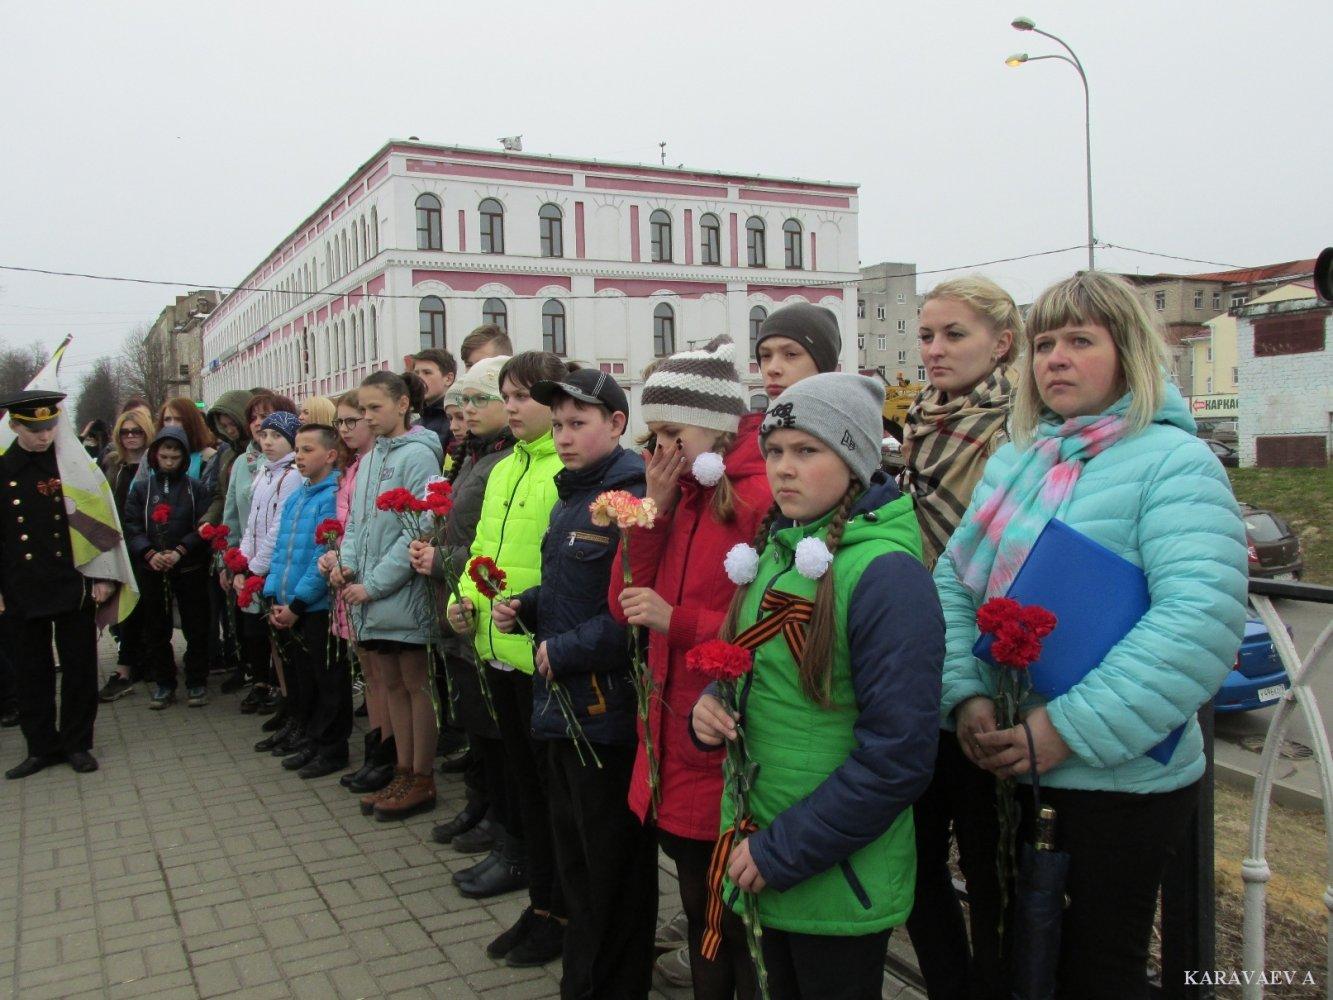 Фото Митинг 17.JPG. Россия, Ярославская область, Рыбинск, Волжская набережная улица, 6